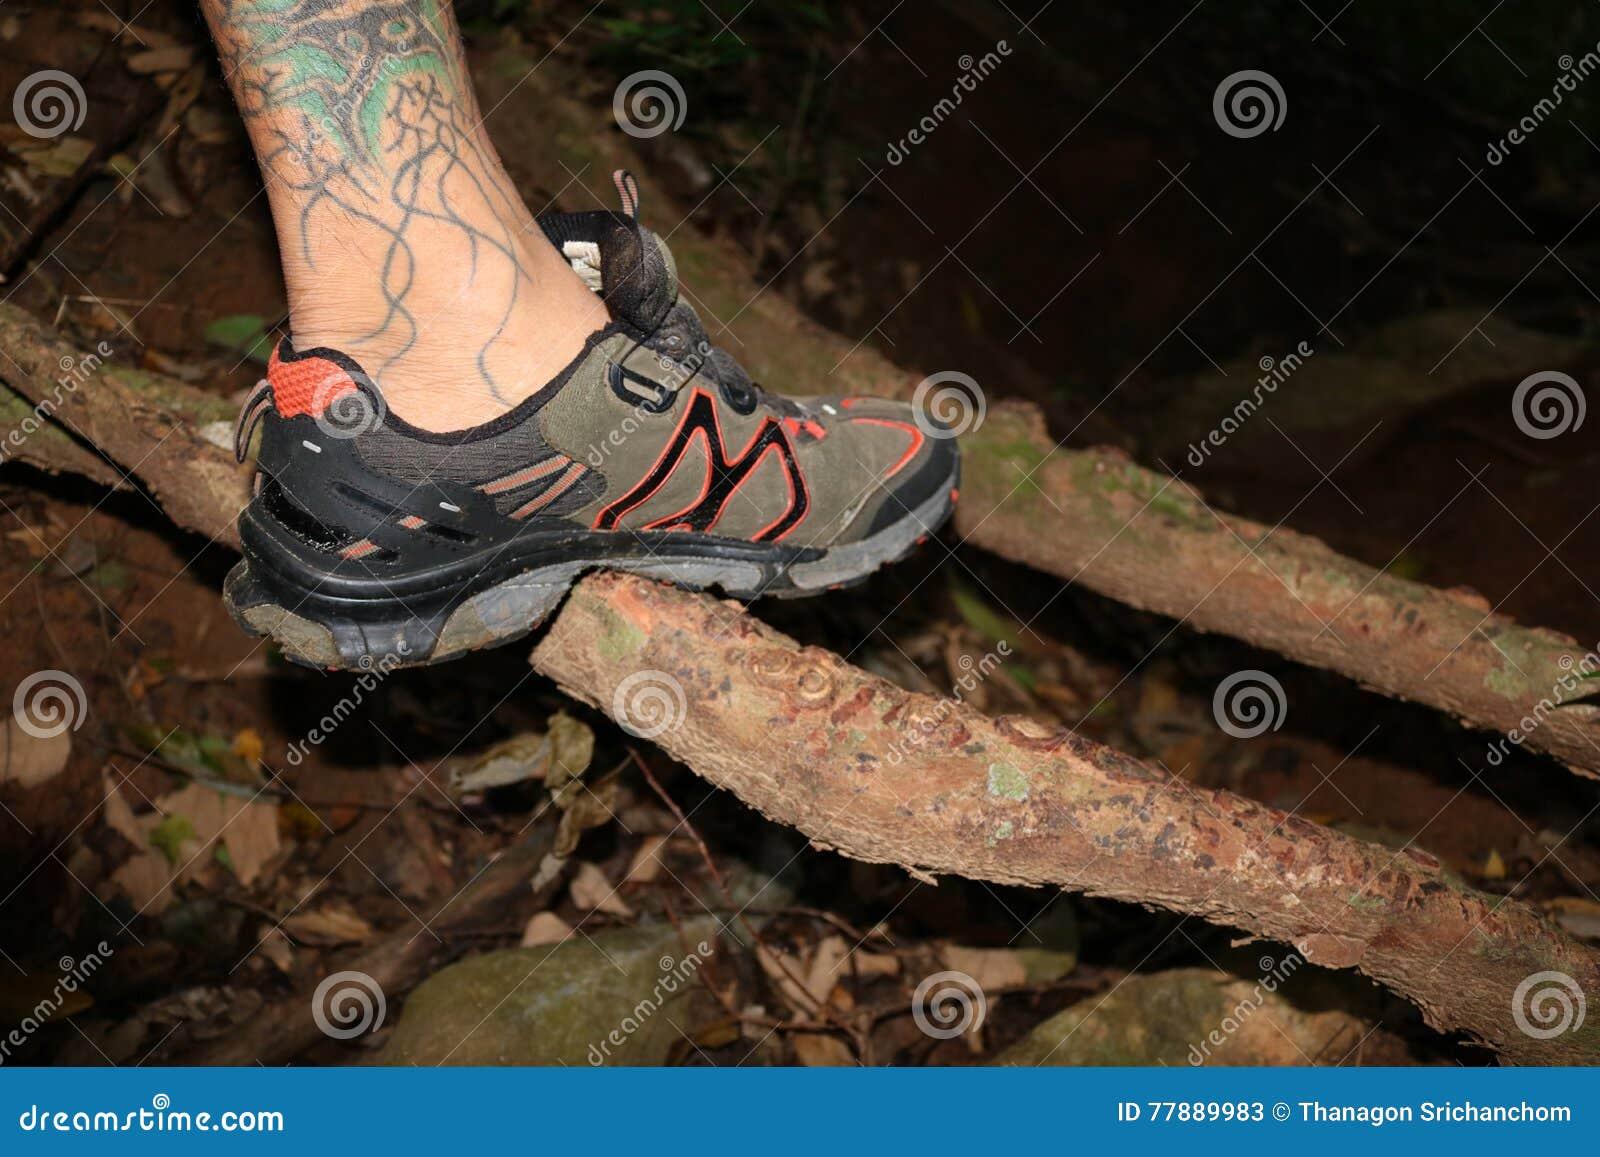 El Hombre Con Caminar Los Zapatos En La Noche Foto de archivo